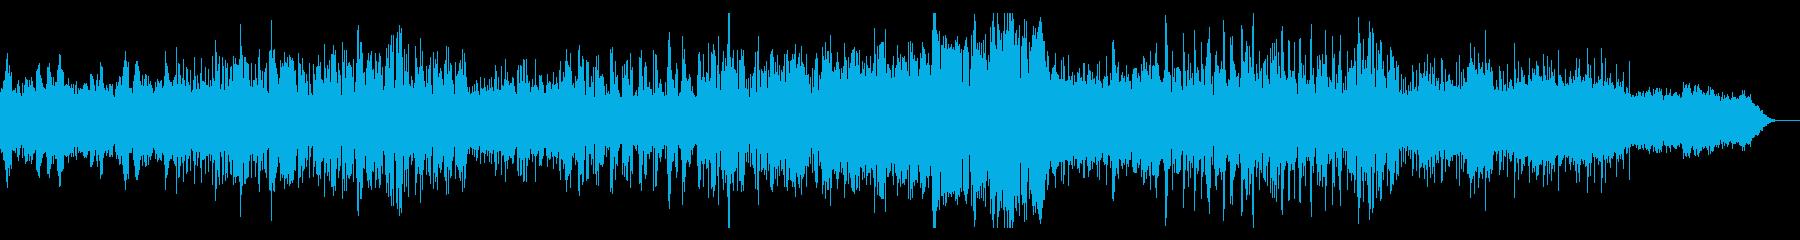 シネマティックなグリッジサウンドスケープの再生済みの波形